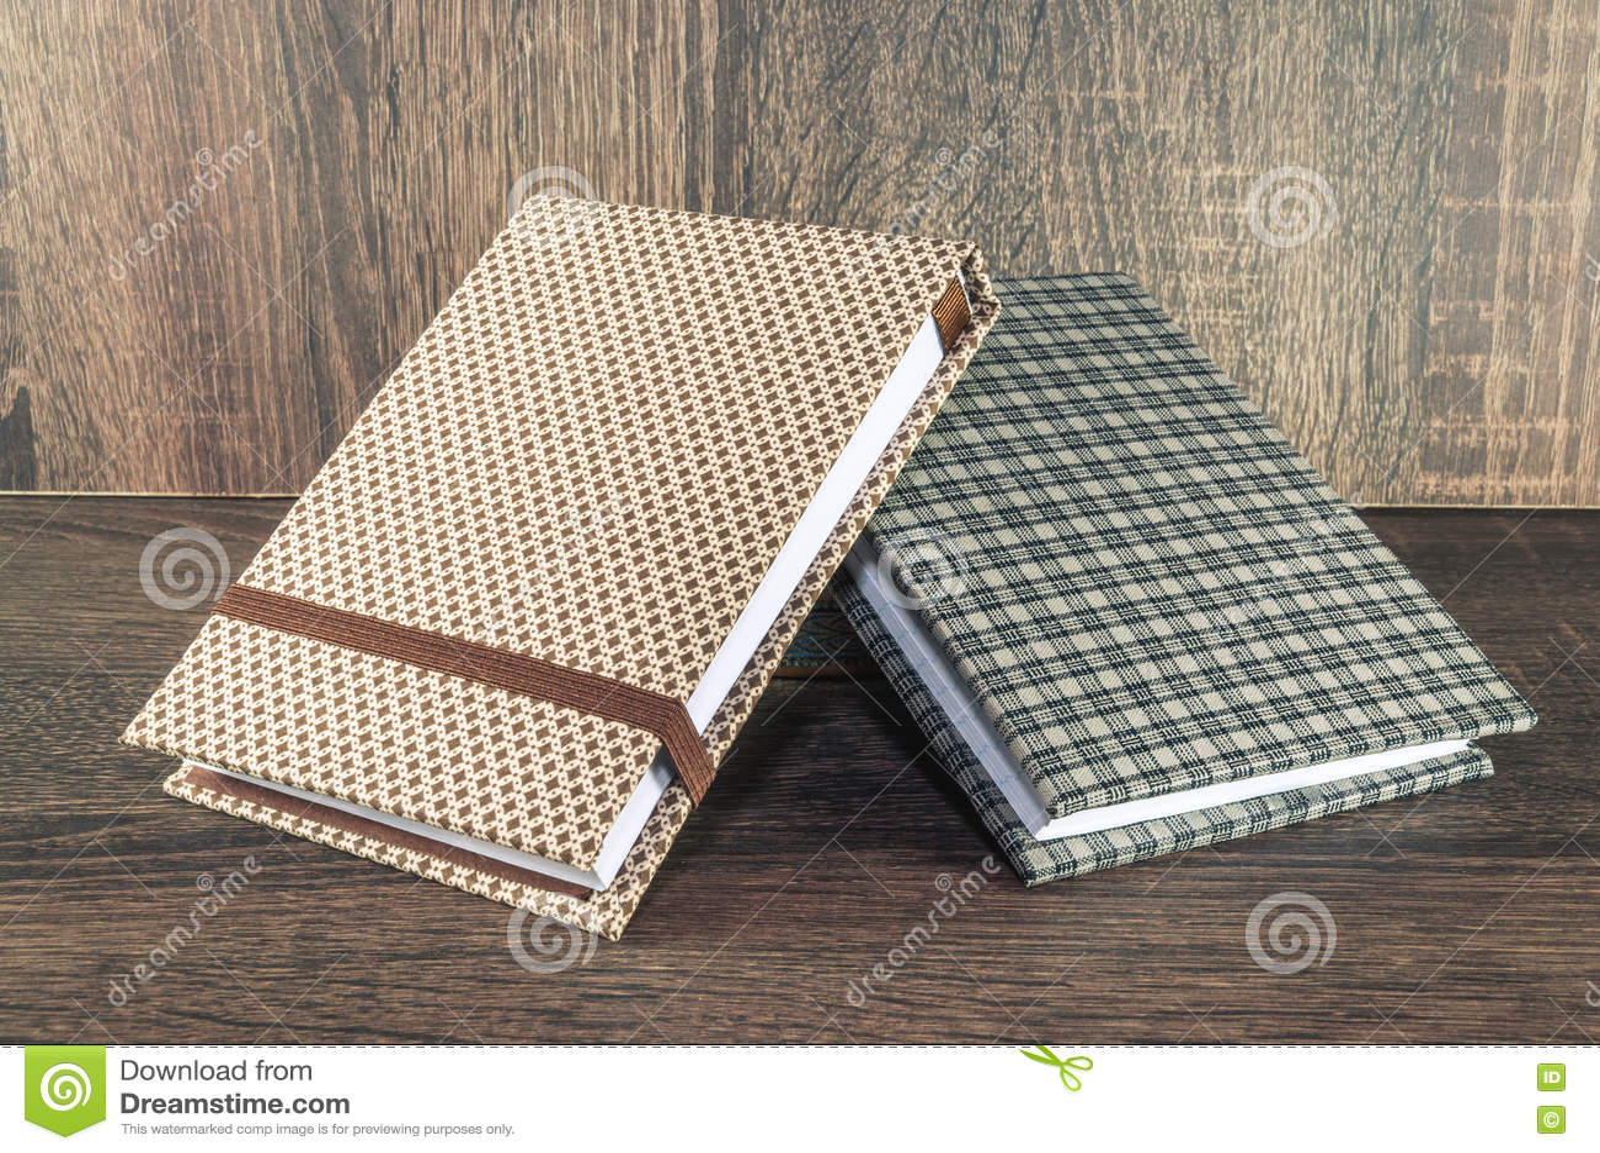 Dos libretas hechas a mano adornadas con la tela usada para escribir recordatorios de su vida o negocio